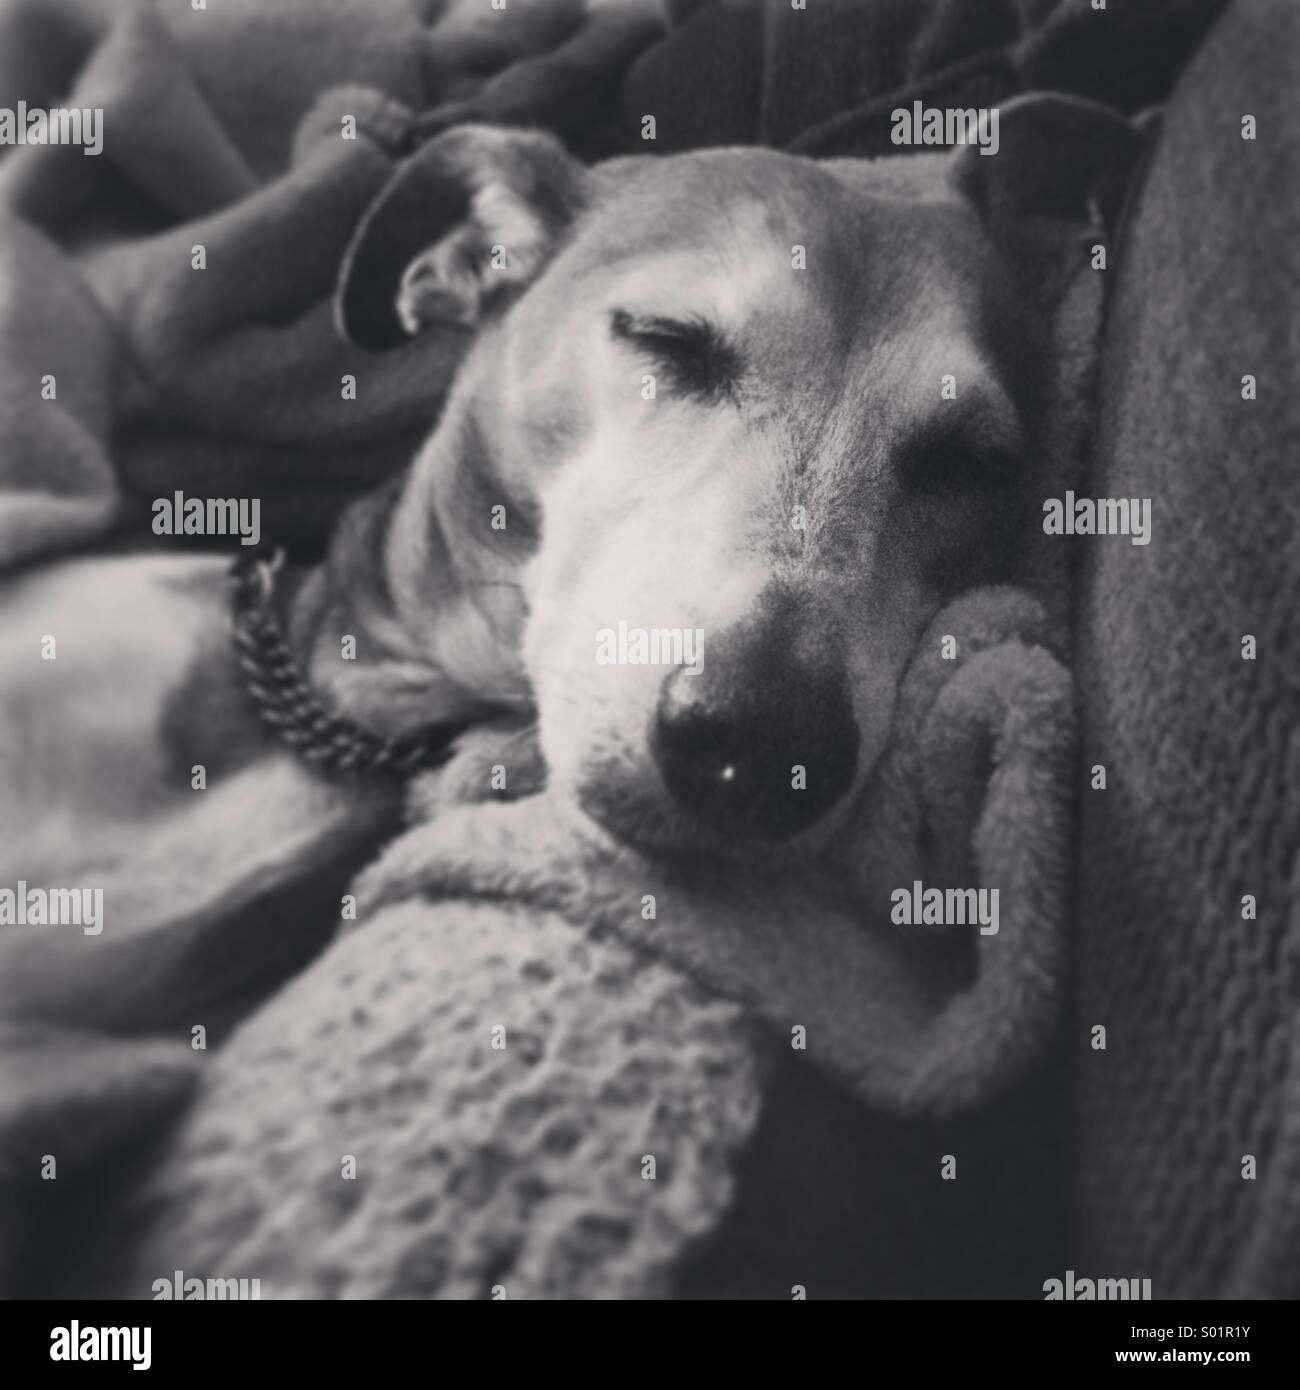 Sleepy Pup - Stock Image